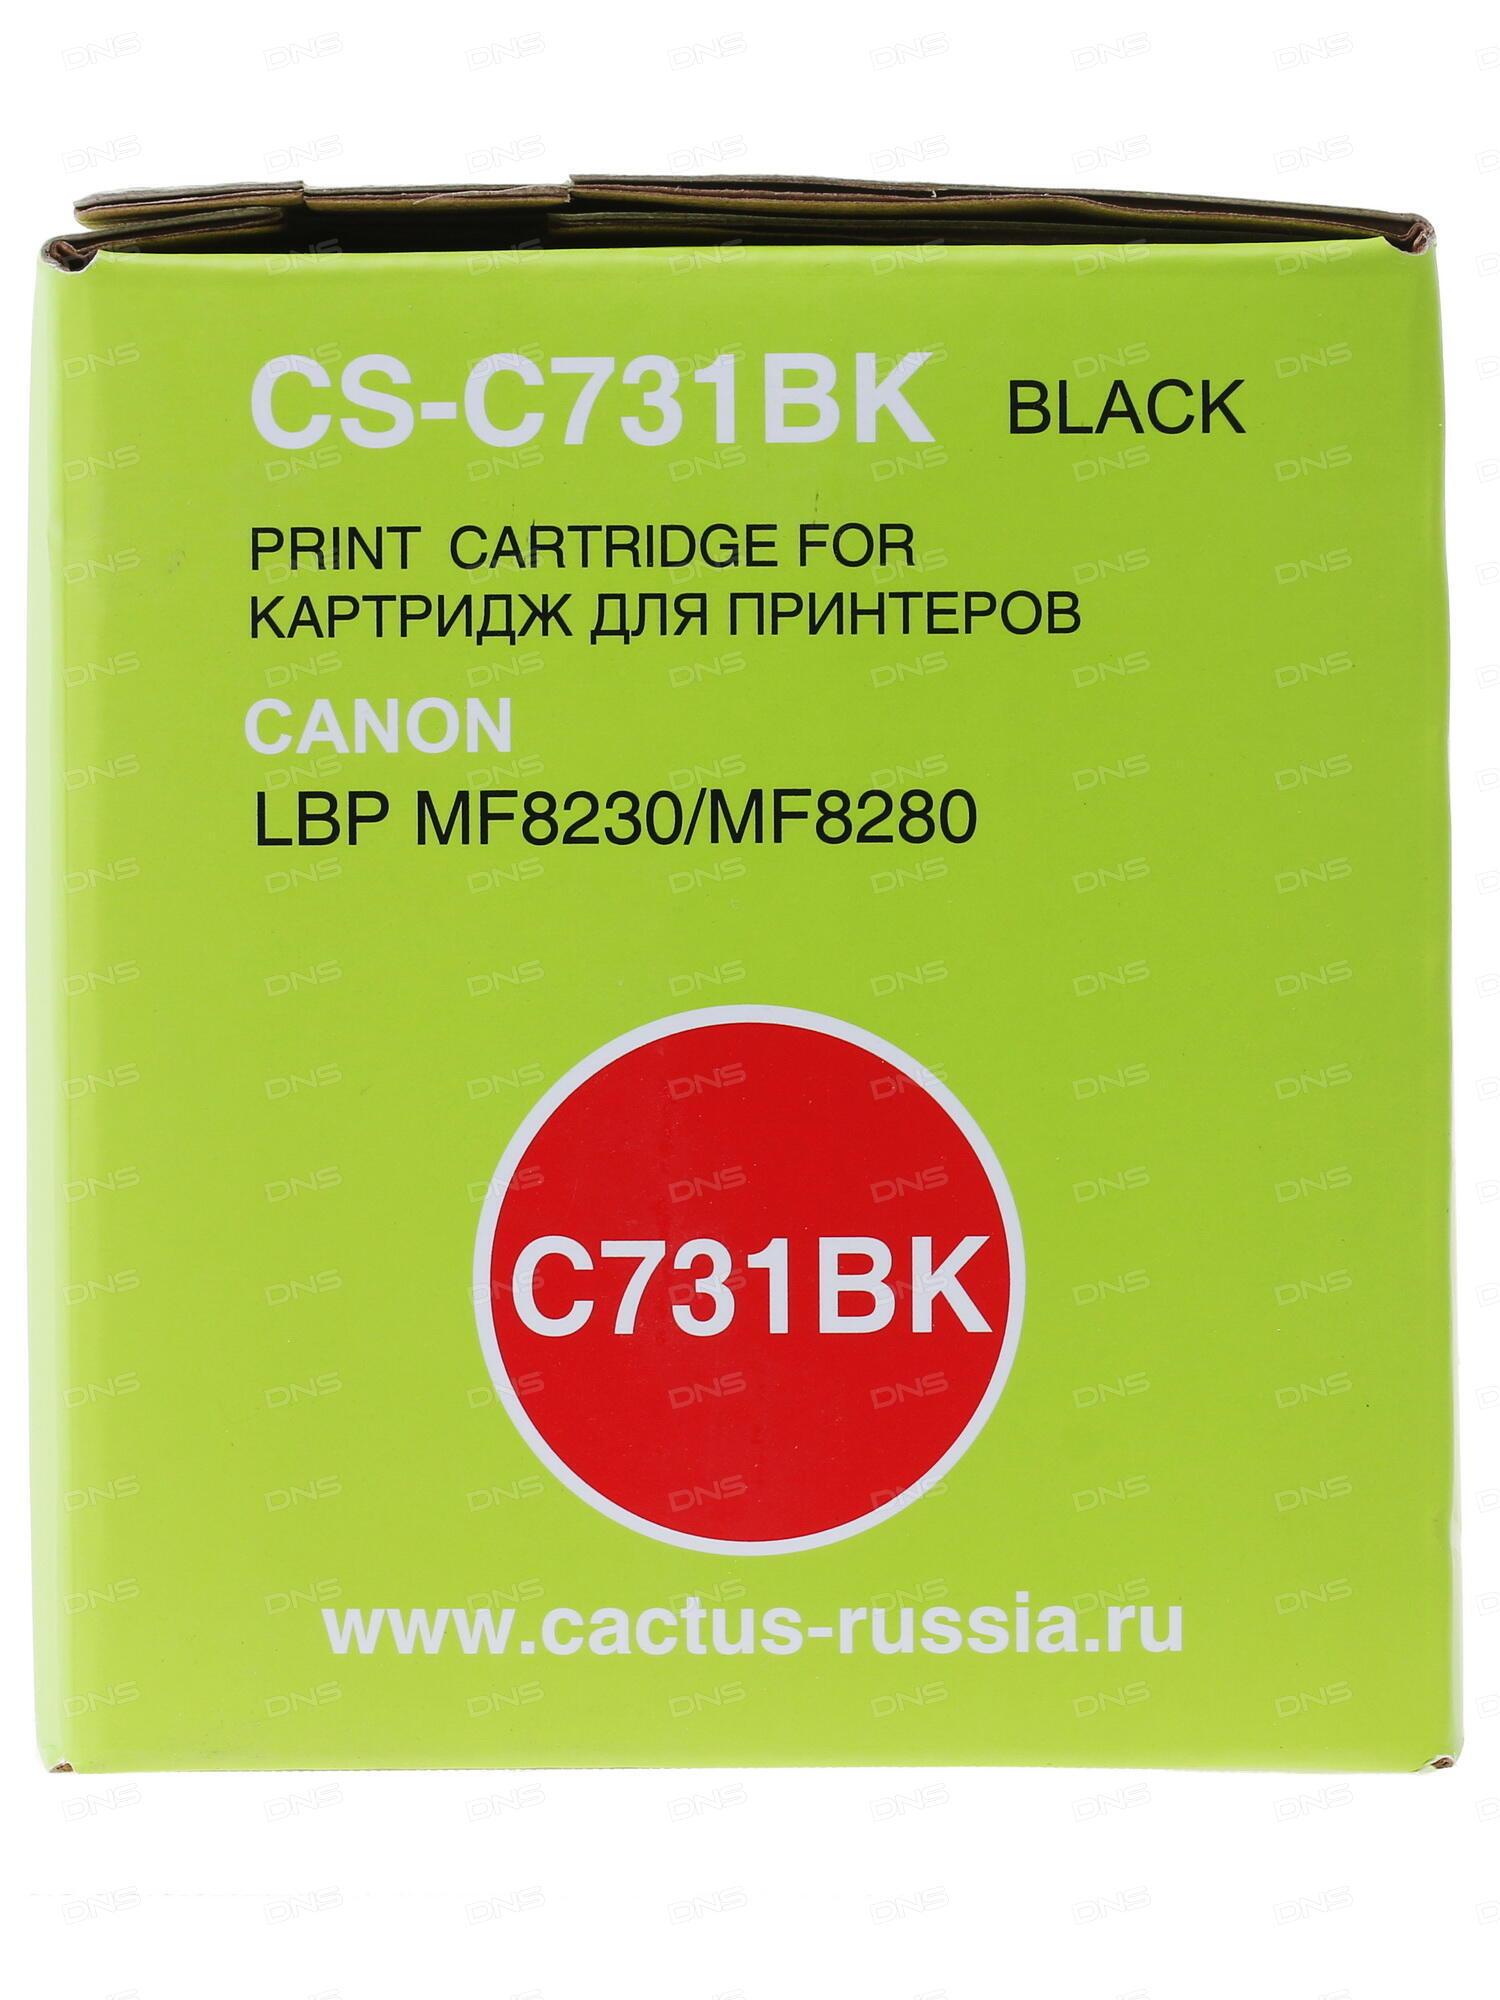 Картридж Cactus CS-C731BK для Canon LaserBase MF8230 i-Sensys MF8280 i-Sensys черный 1600стр